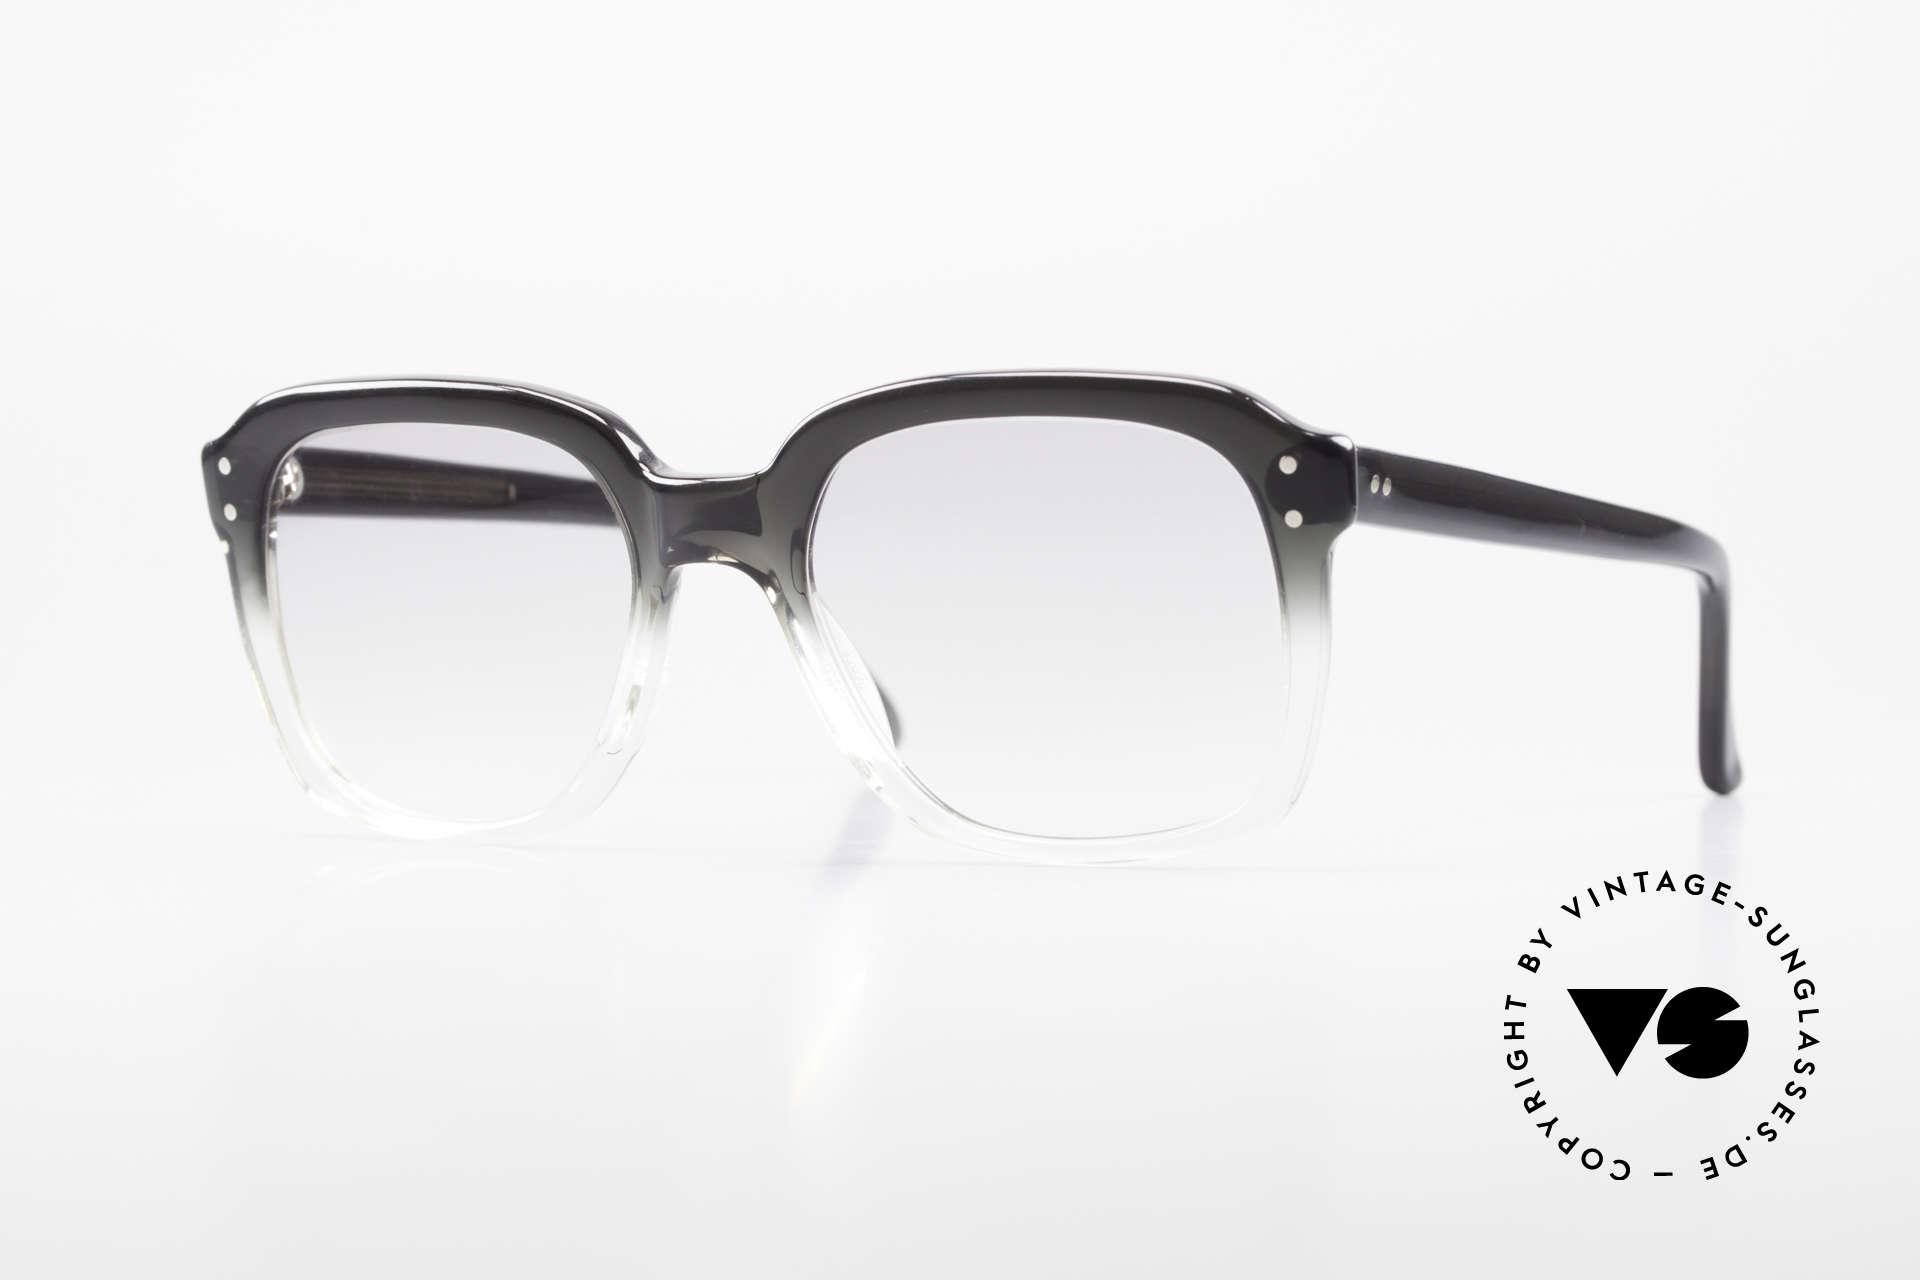 Metzler 449 Echte 70er Original Nerdbrille, alte orig. Metzler Brillenfassung aus den 70ern/80ern, Passend für Herren